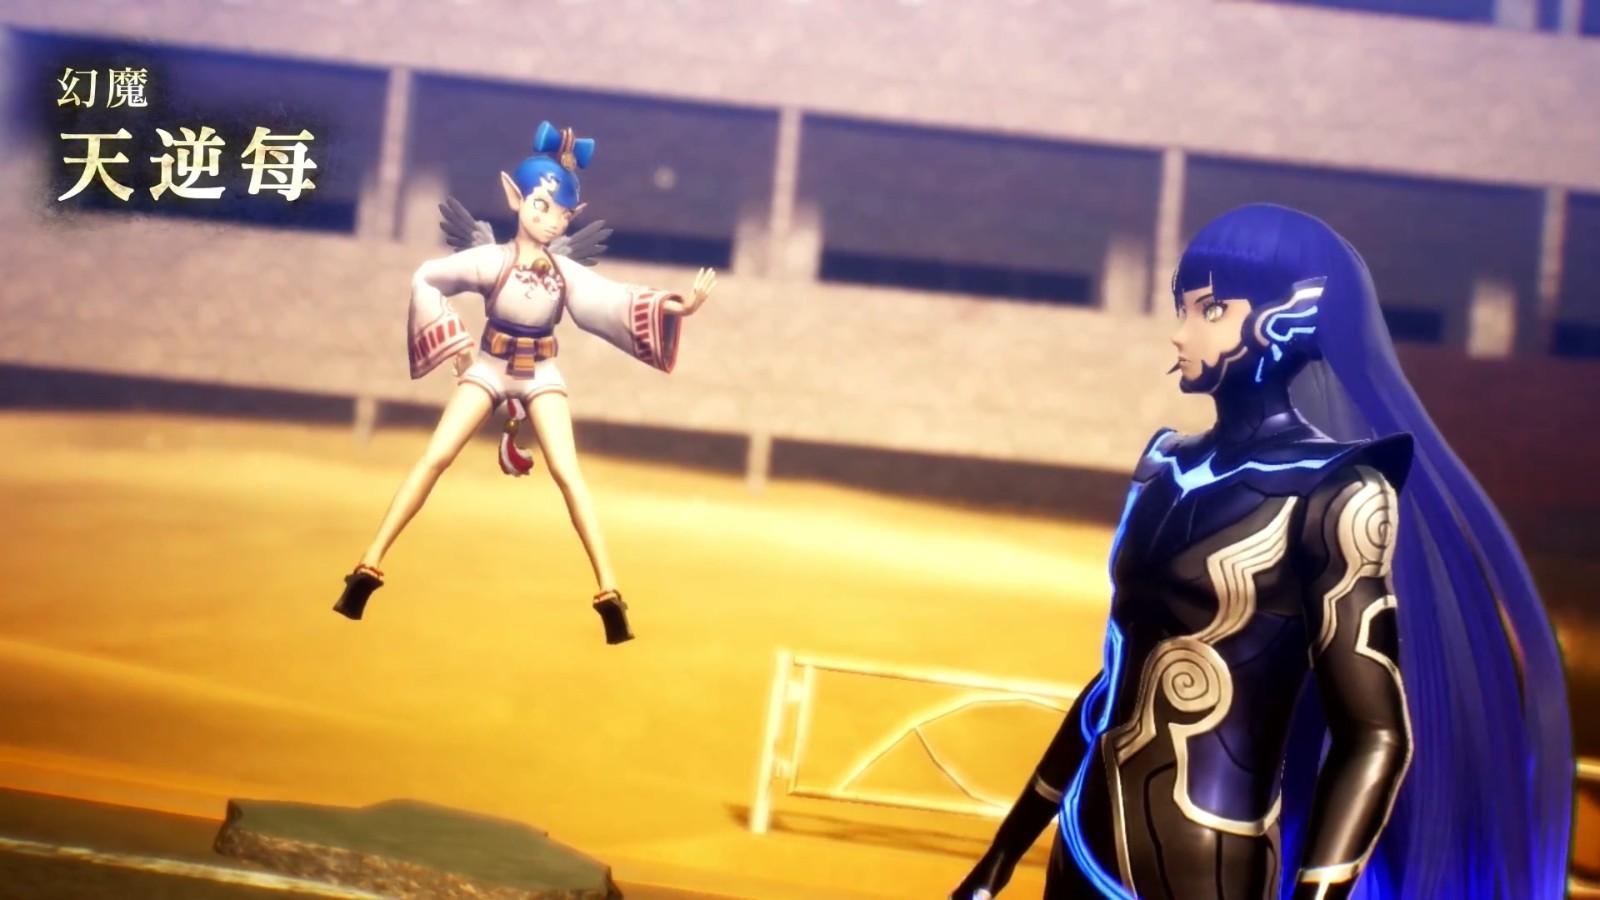 《真女神转生5》每日恶魔介绍:日本女神天逆每